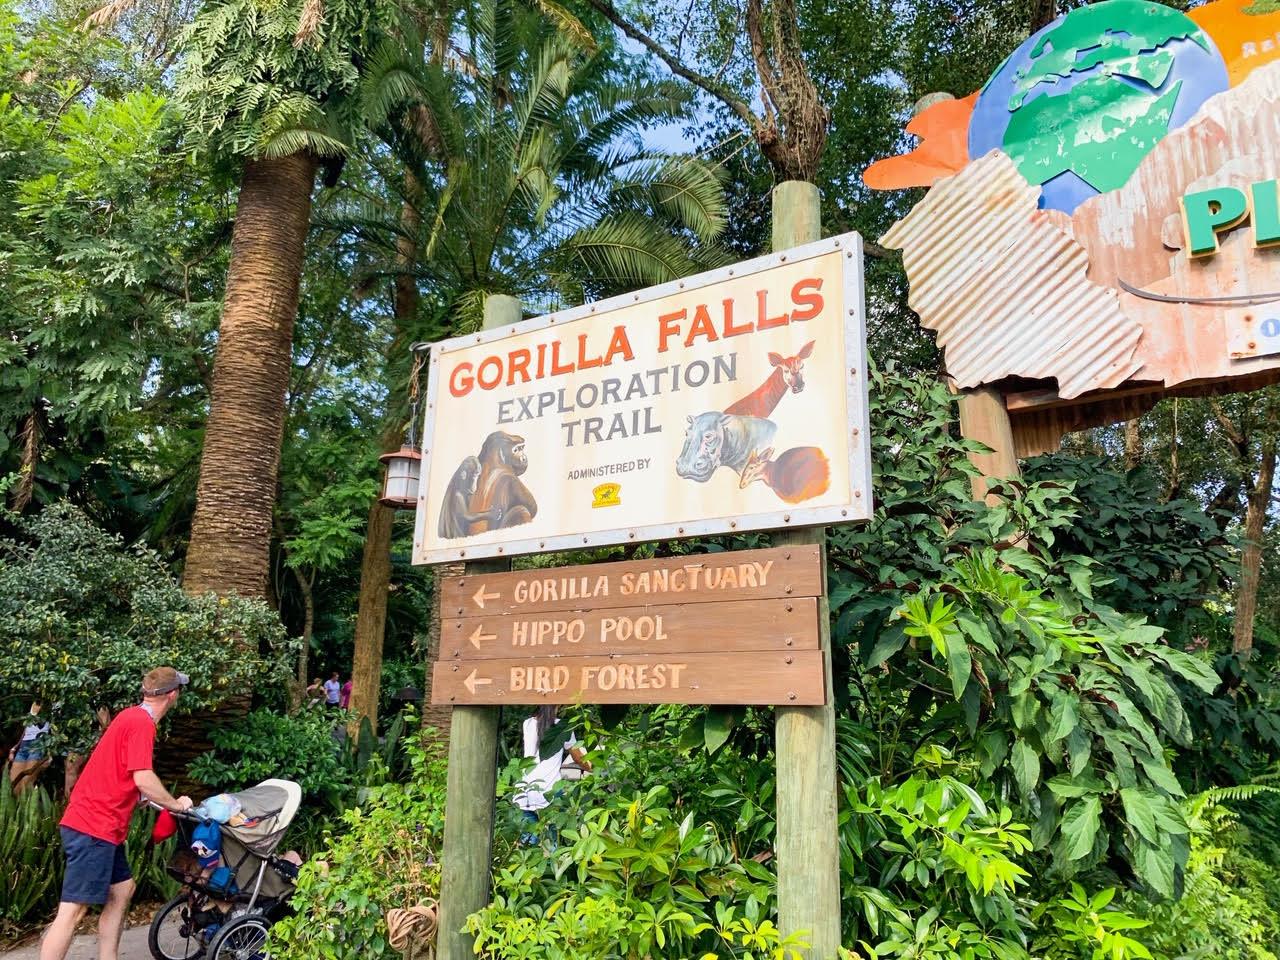 Animal Kingdom Gorilla Falls